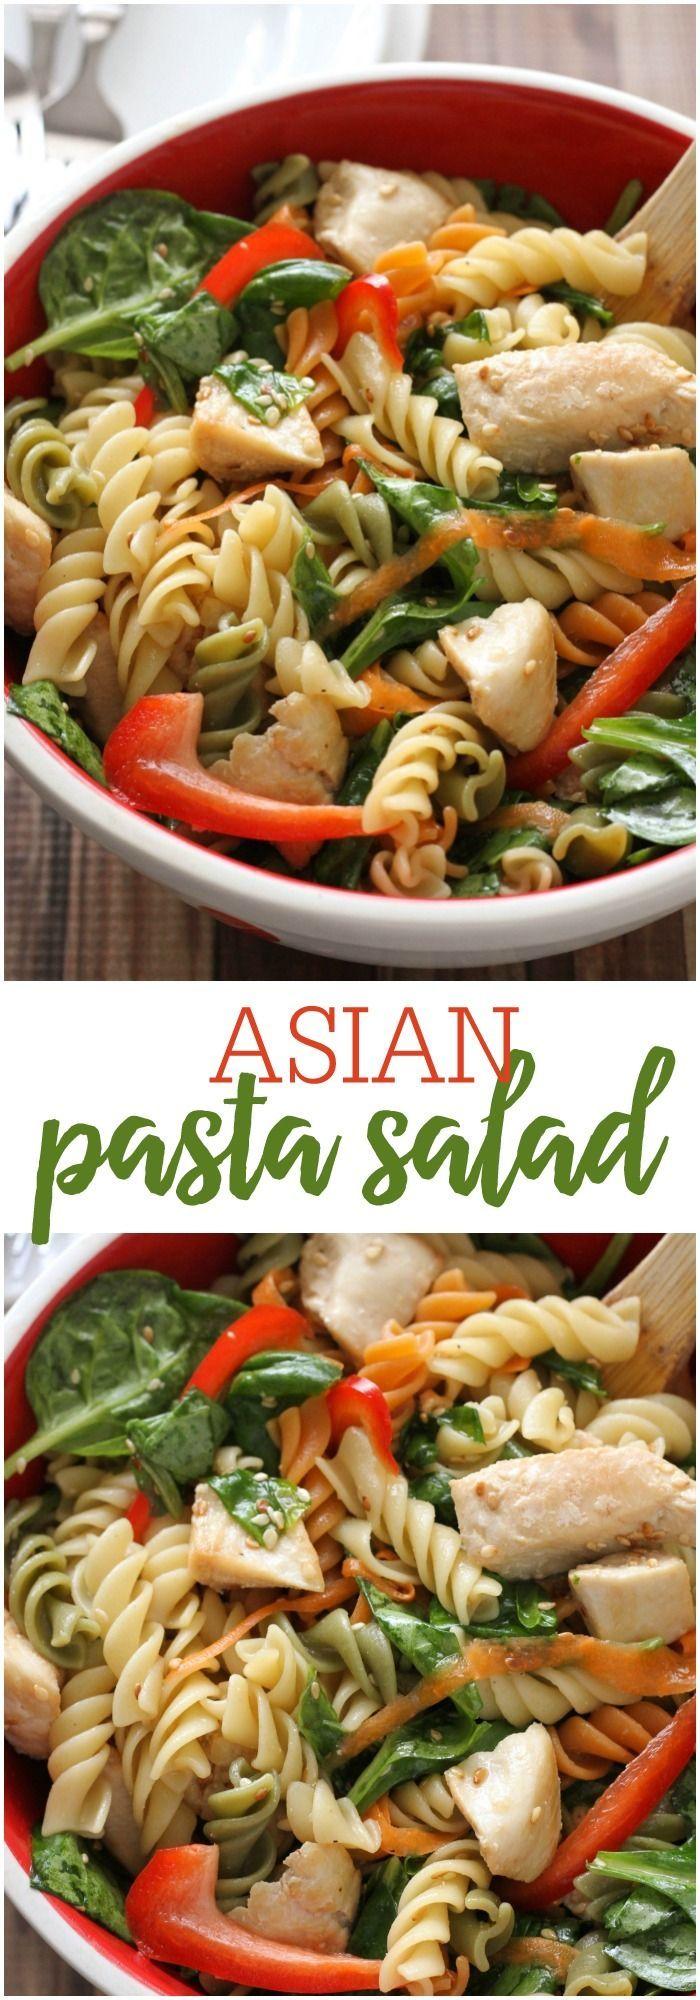 Asian pasta recipe